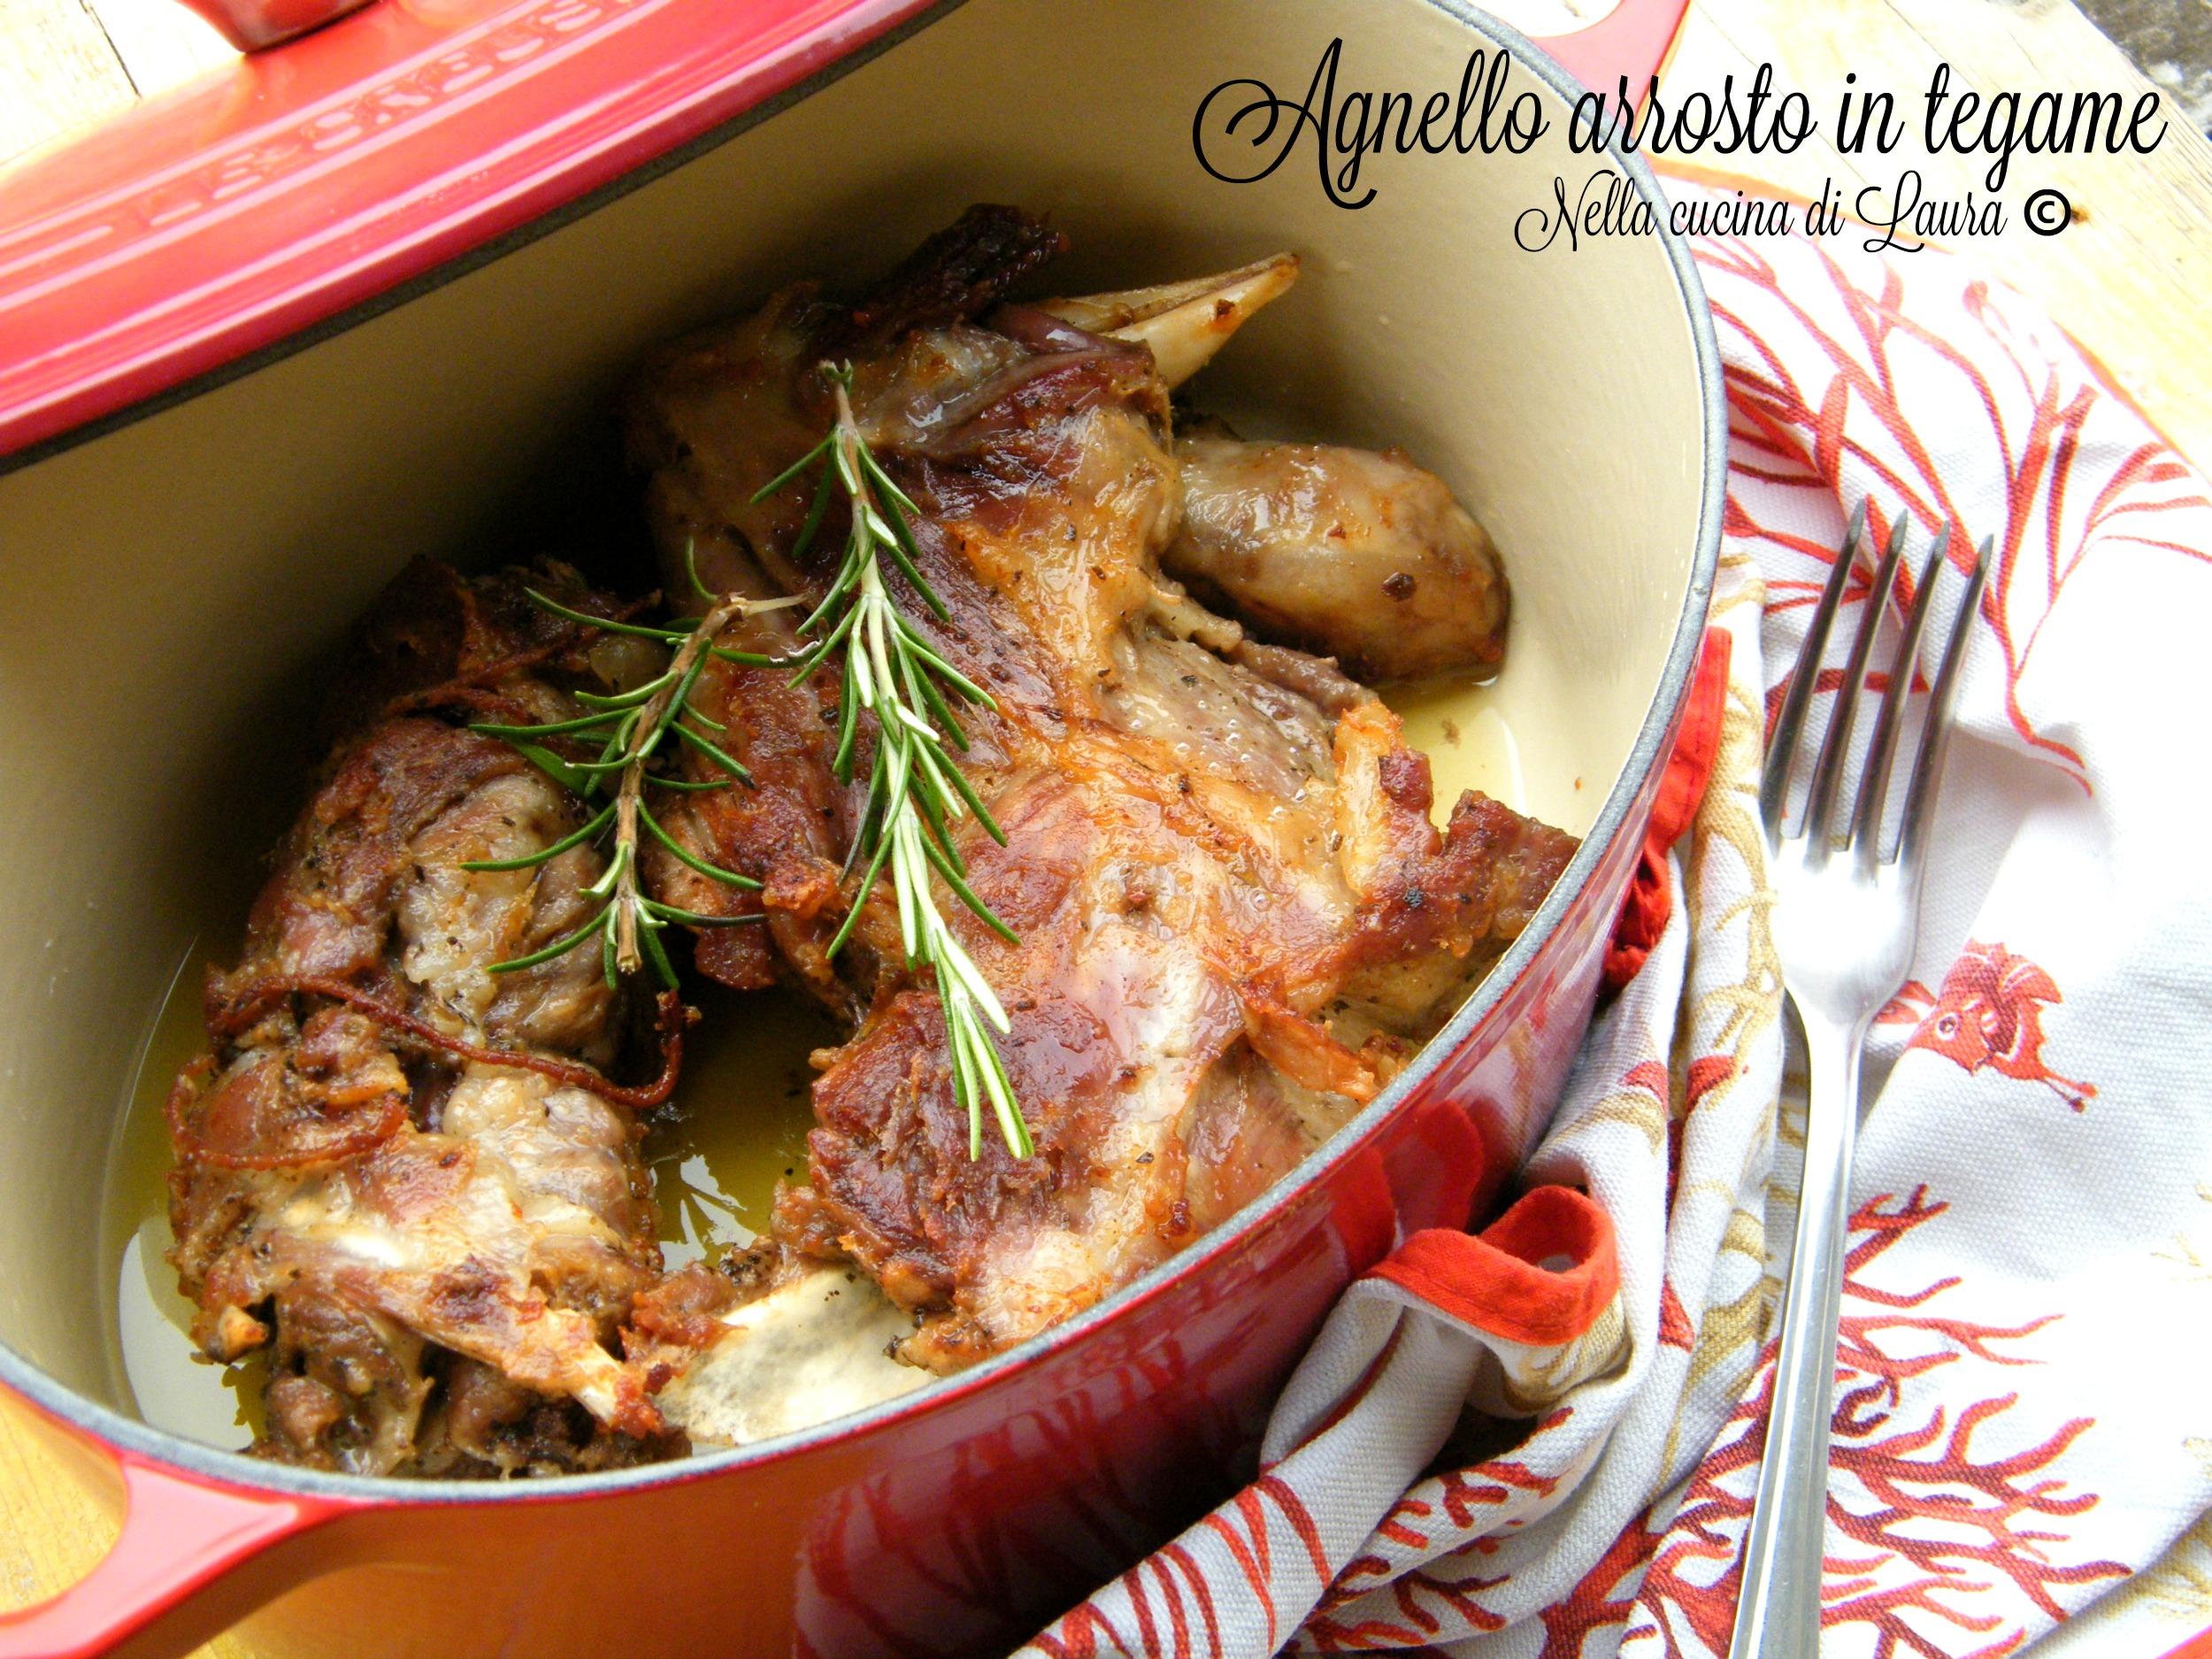 agnello arrosto in tegame - nella cucina di laura